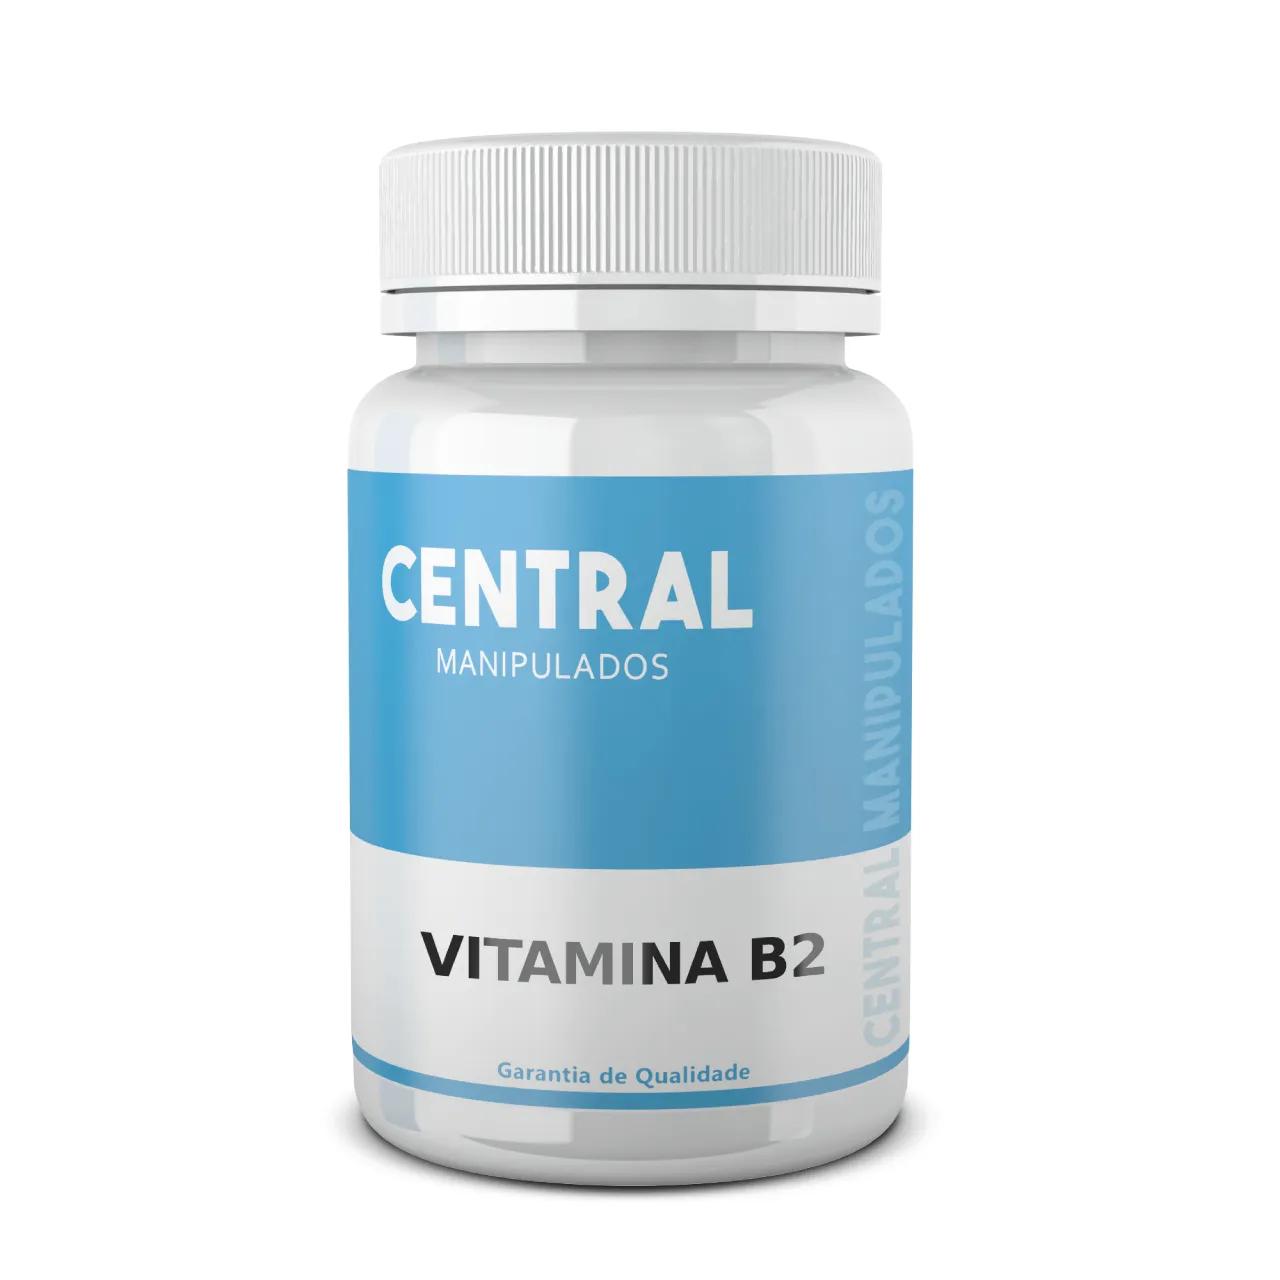 Vitamina B2 100mg - 120 cápsulas - Riboflavina